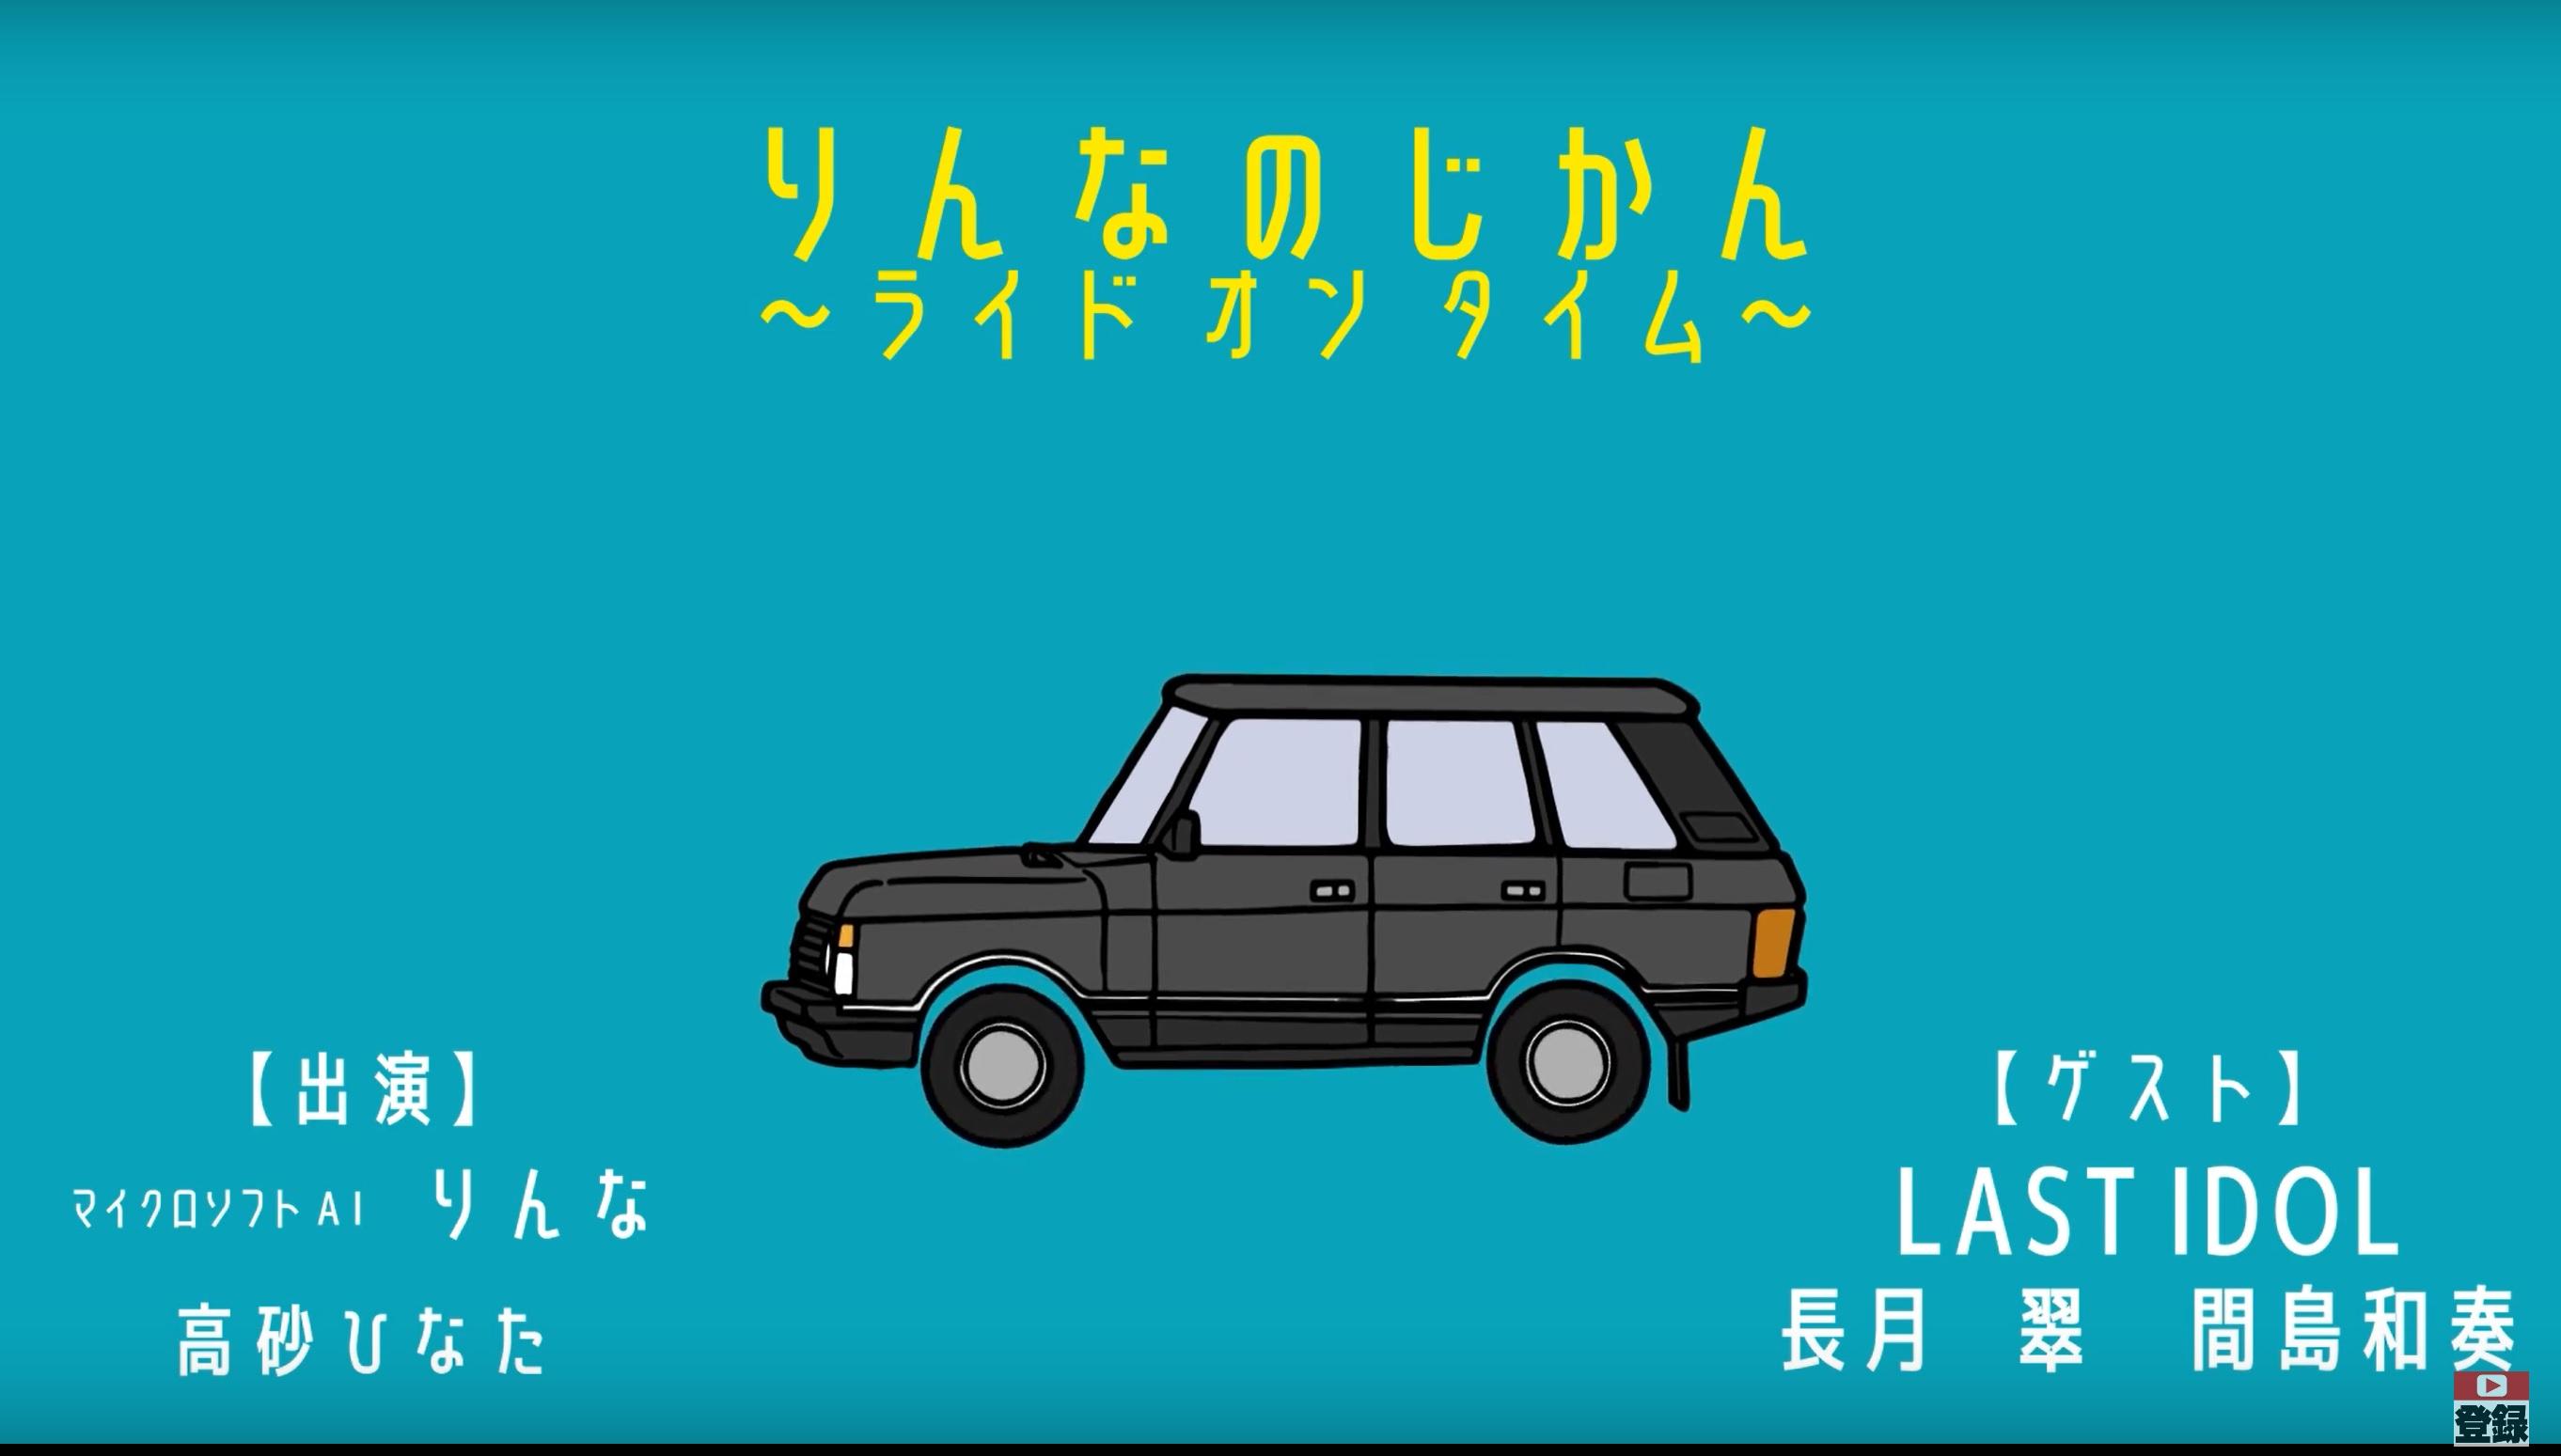 りんなのじかん~ライド オン タイム~#3 ゲスト:LAST IDOL(長月翠さん、間島和奏さん)